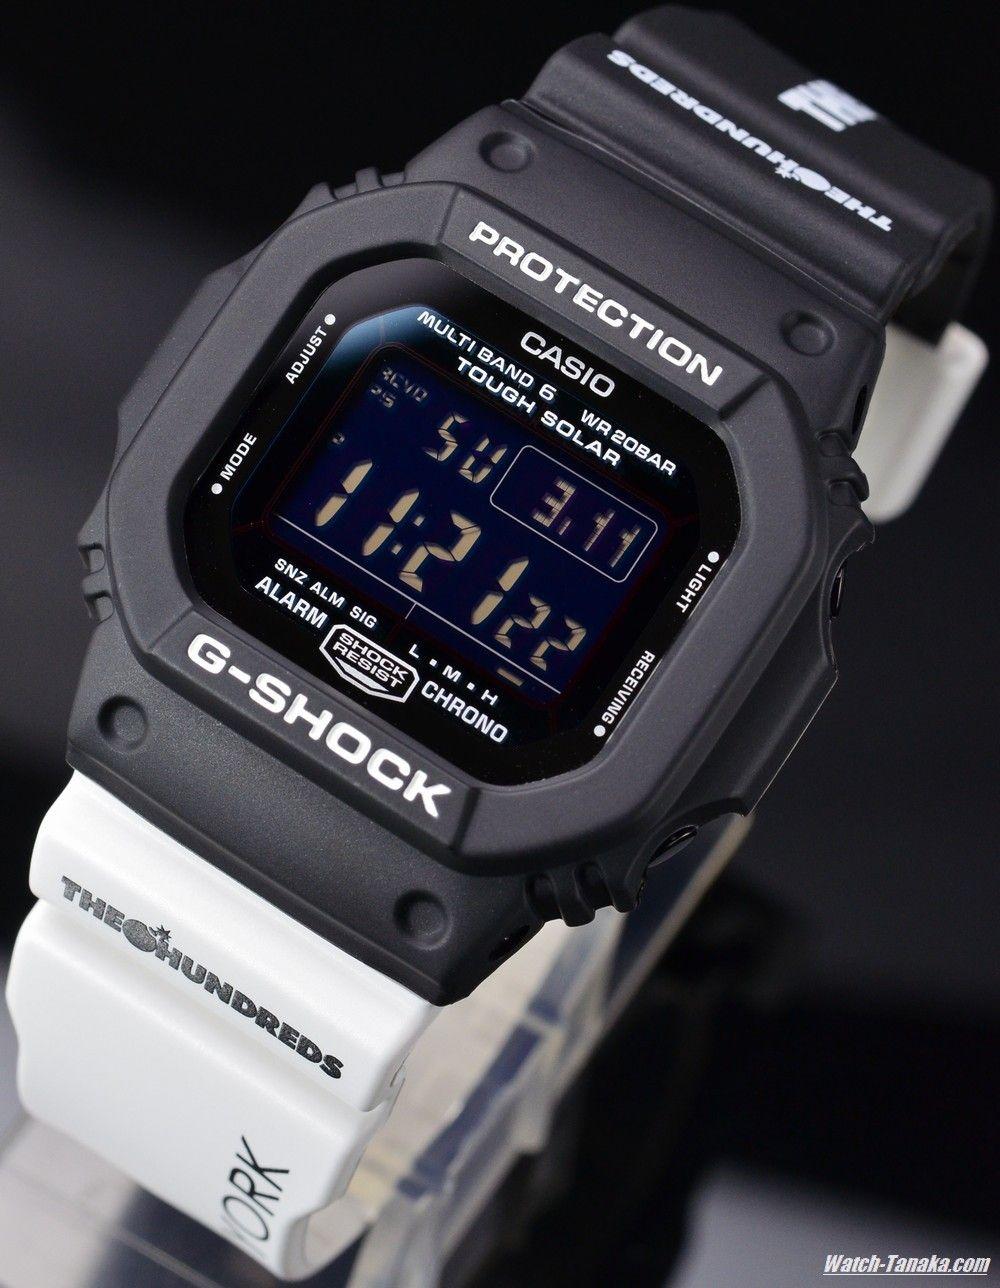 7591c832348 CASIO G-SHOCK THE HUNDREDS GW-M5610TH-1JR ザ ハンドレッズ コラボレーション